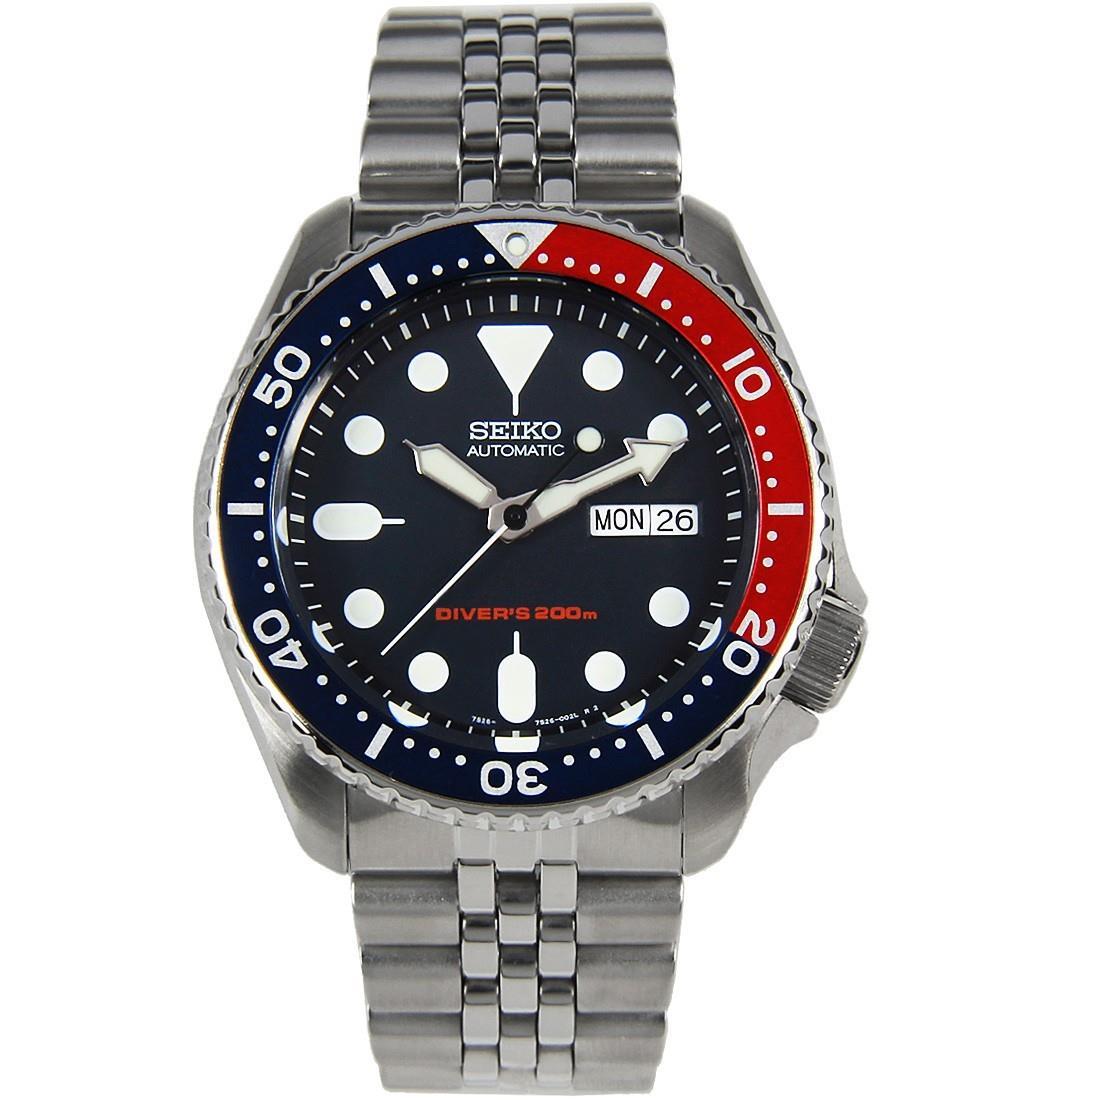 TOP-SELLING-Seiko-SKX009-SKX009J1-SKX009J2-SKX009K1-SKX009K2-Pepsi-Dive-Watch thumbnail 32